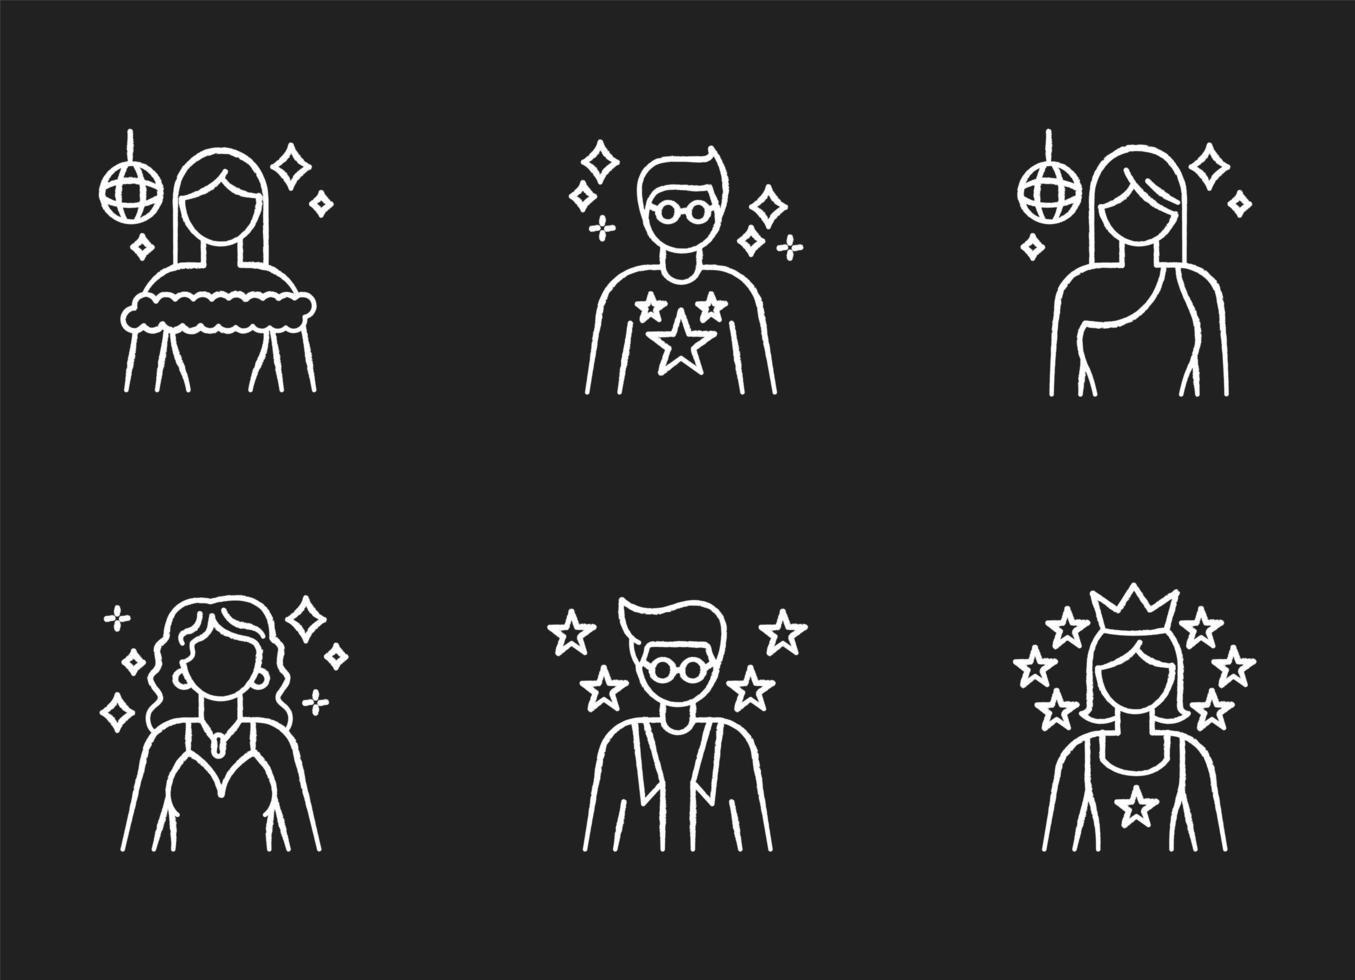 conjunto de iconos blancos de tiza de celebridades populares vector